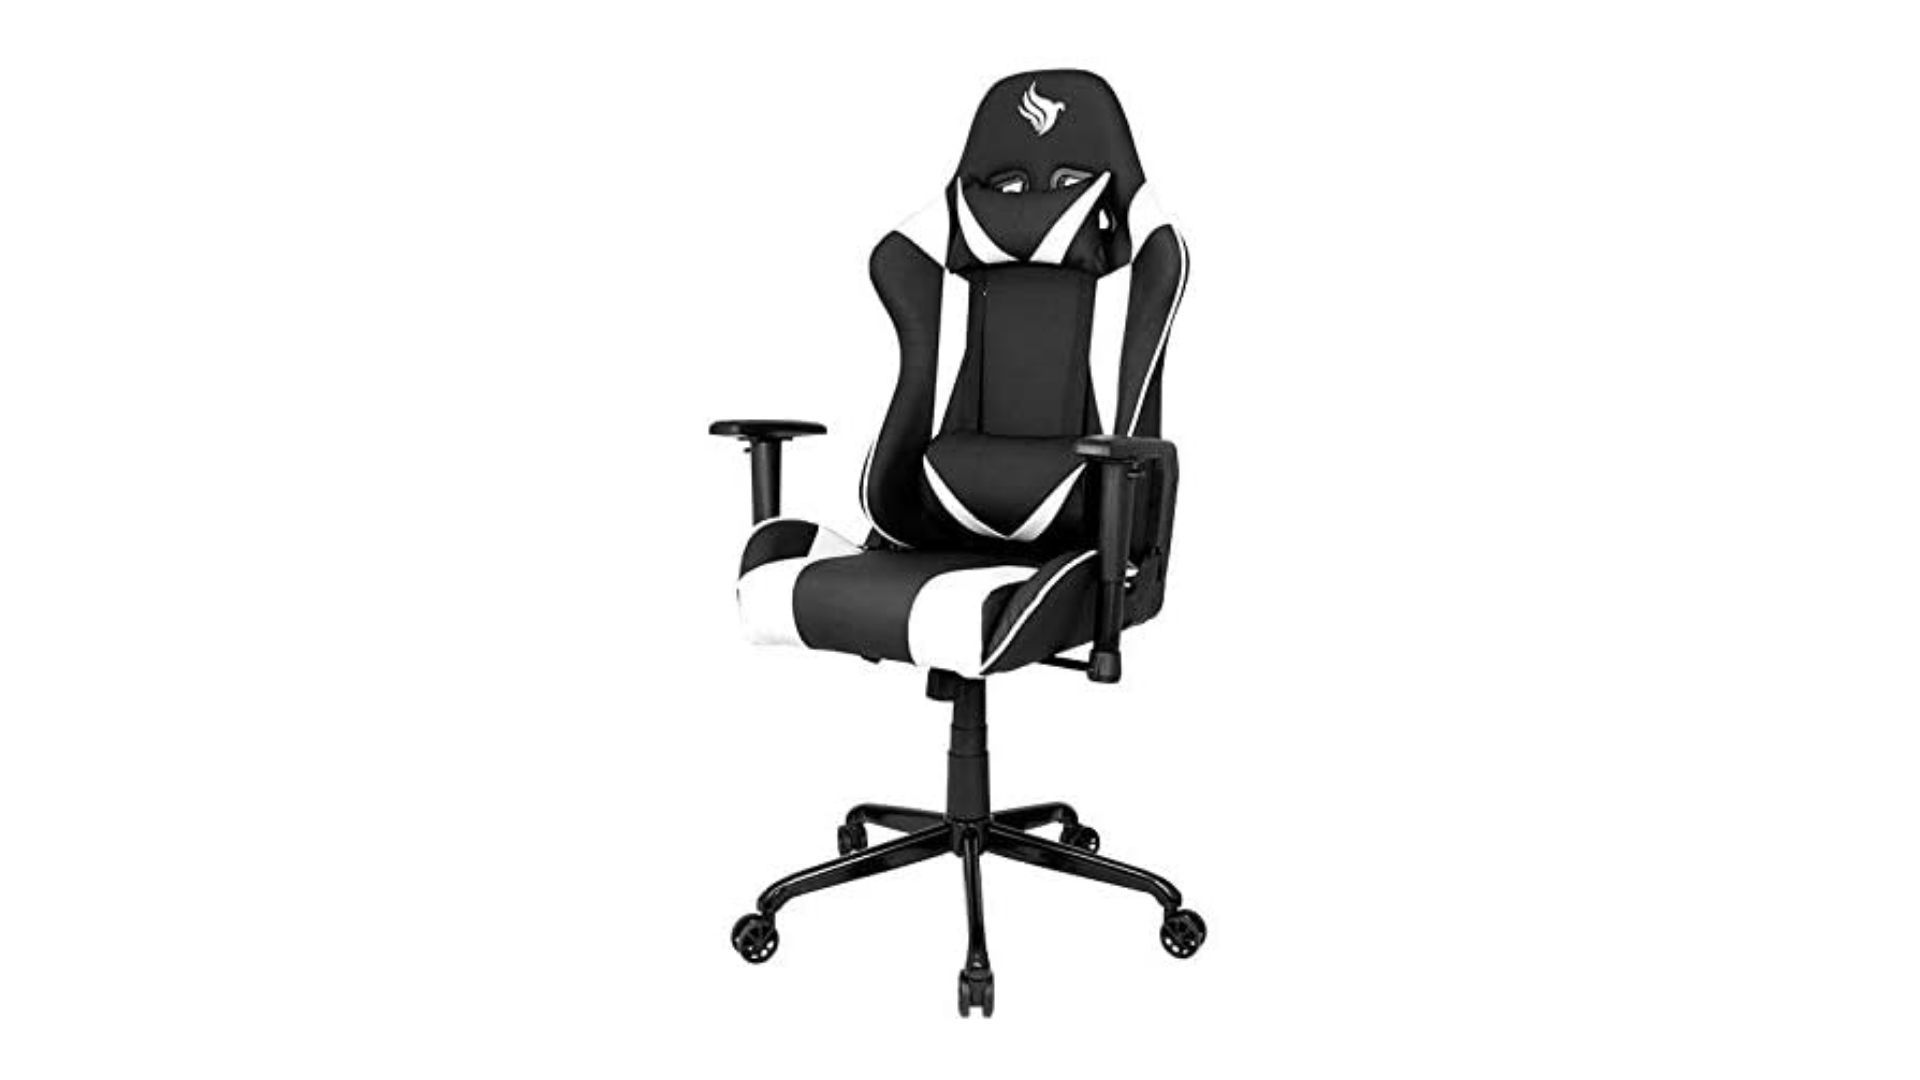 Cadeira Gamer Pichau Gaming Hask preta com detalhes brancos